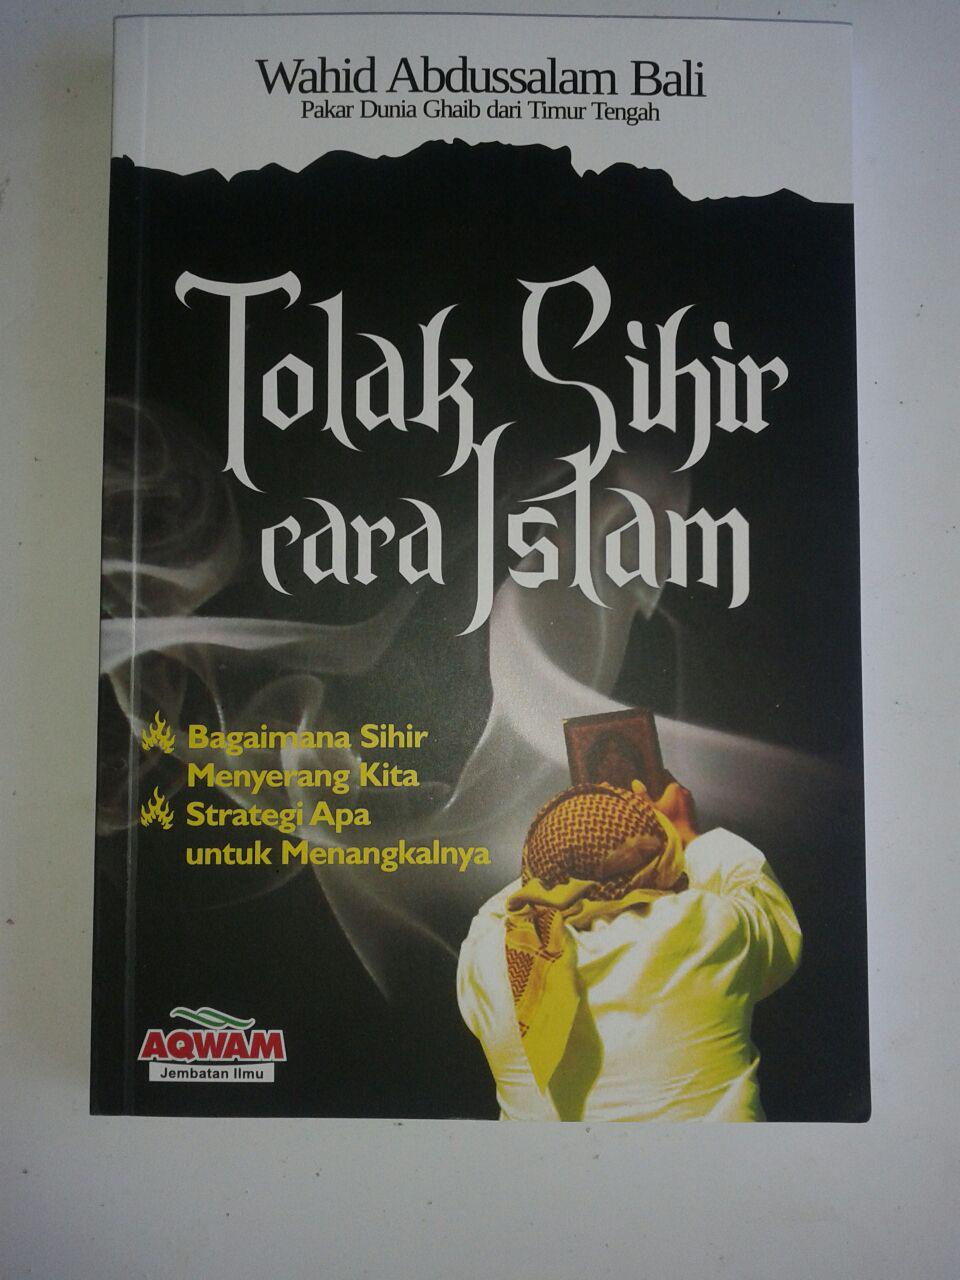 Buku Tolak Sihir Cara Islam cover 2